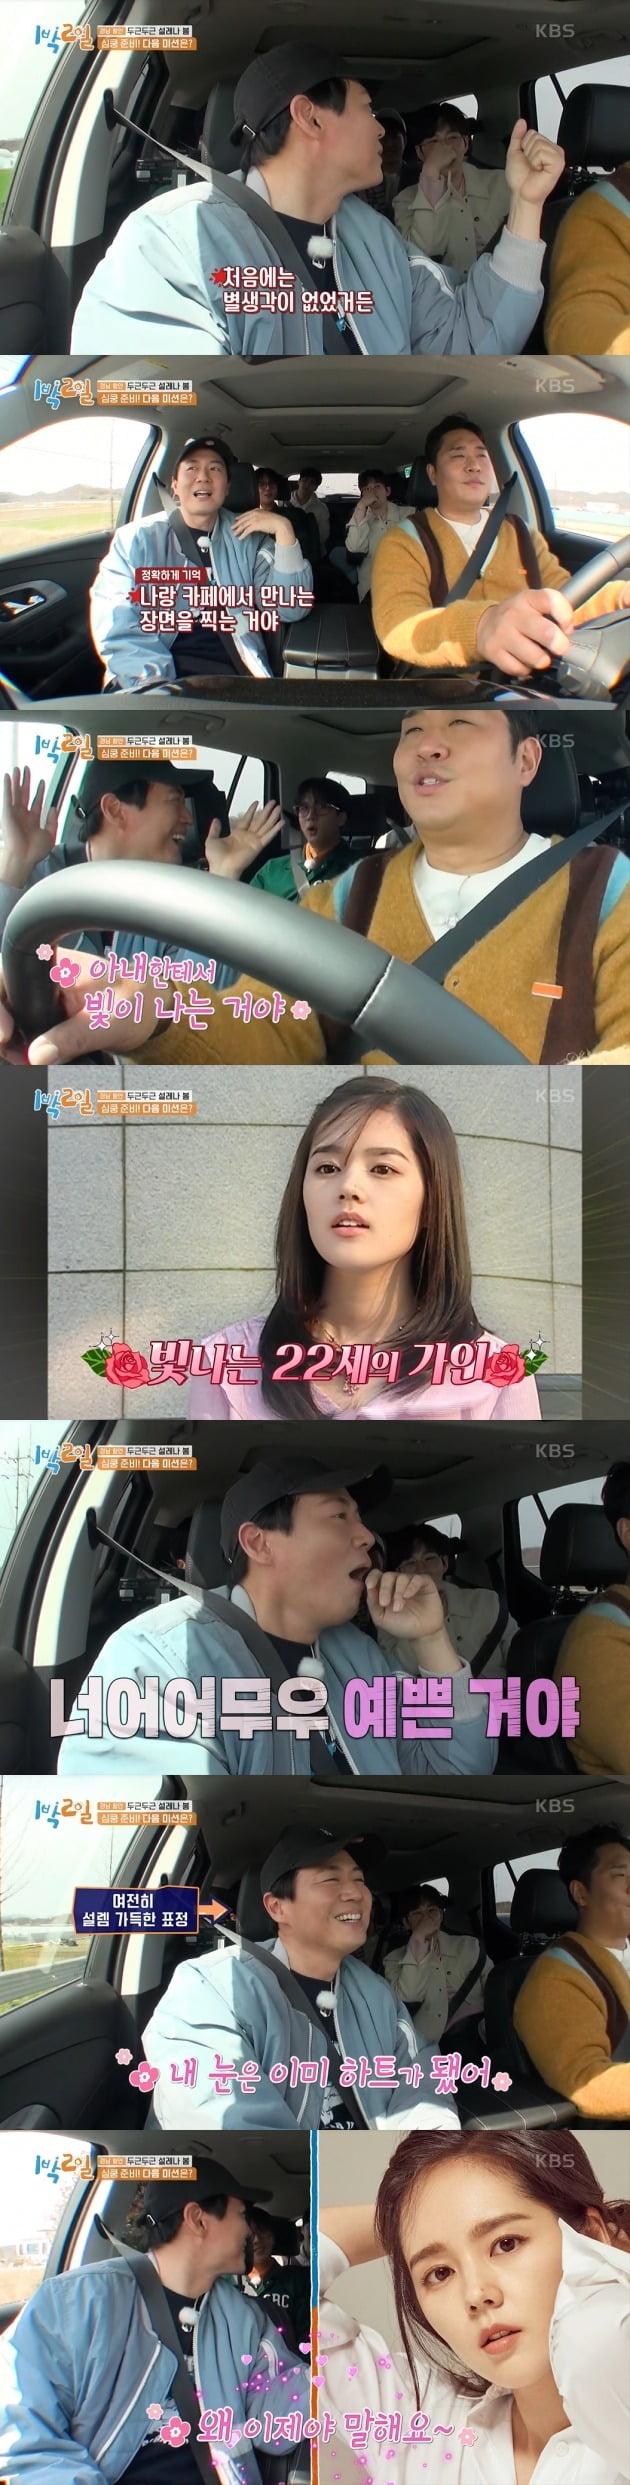 연정훈이 한가인과 교제를 시작한 날의 비하인드 스토리를 밝혔다. / 사진=KBS2 '1박 2일' 방송 캡처